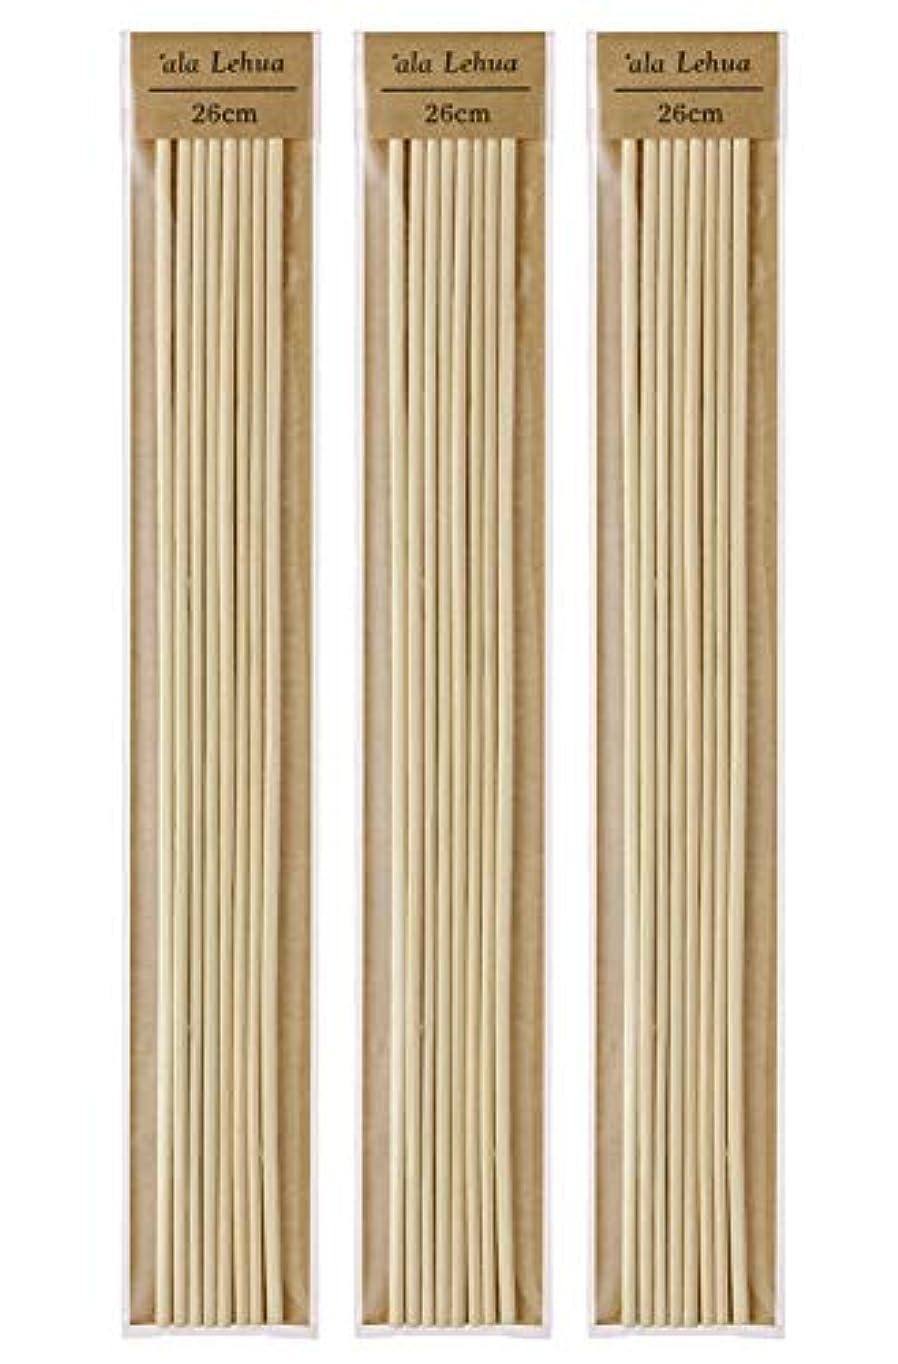 抑圧地上のエンジニアフレーバーライフ(Flavor Life) `ala Lehua (アラレフア) ラタンスティック 詰替え用 8本×3セット